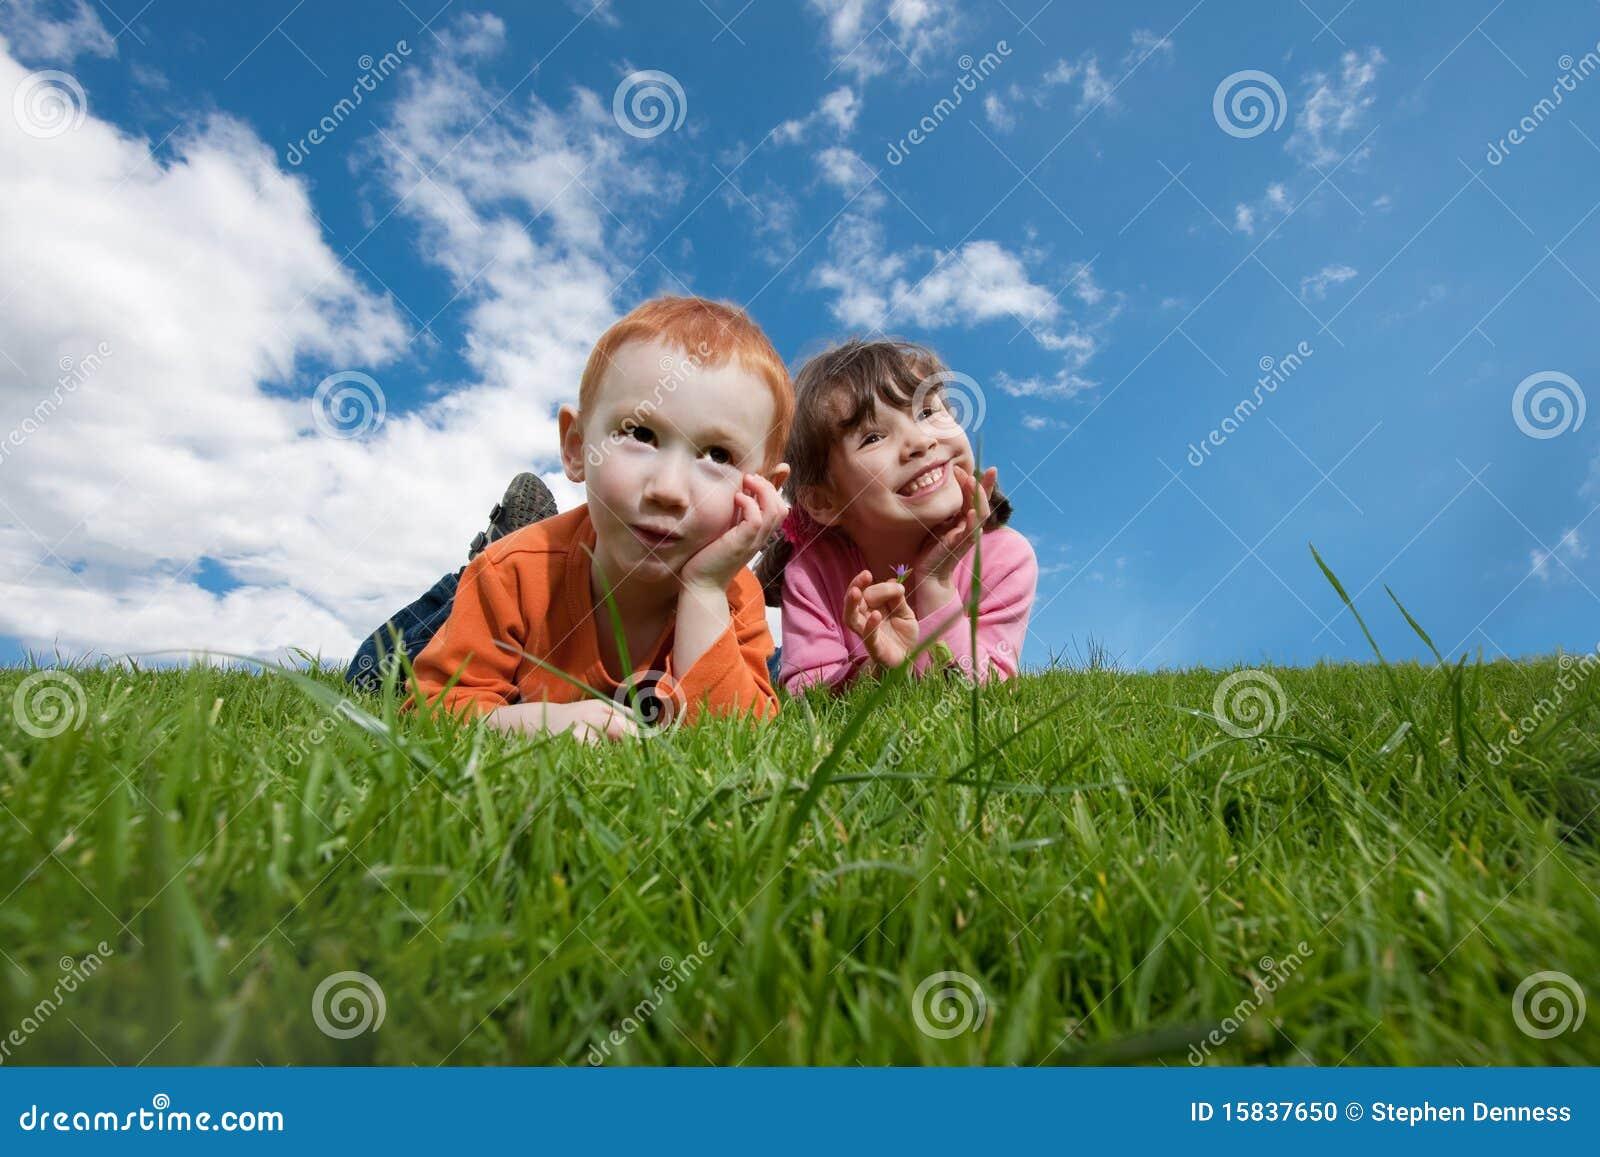 Miúdos engraçados que encontram-se na grama com céu azul